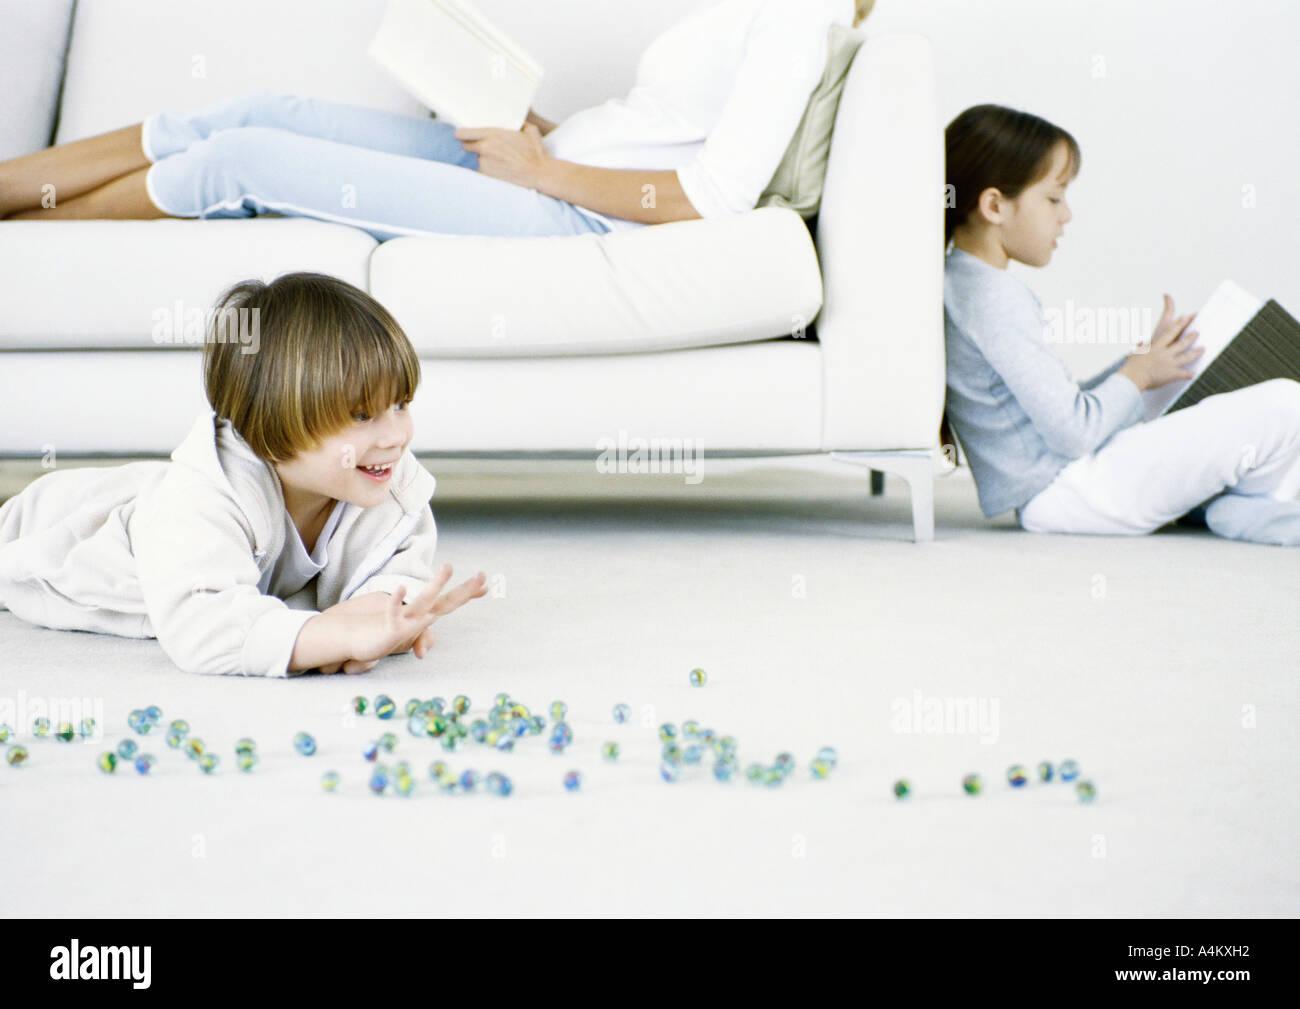 Niño jugando canicas en el suelo, la mujer y la niña leyendo en segundo plano. Foto de stock